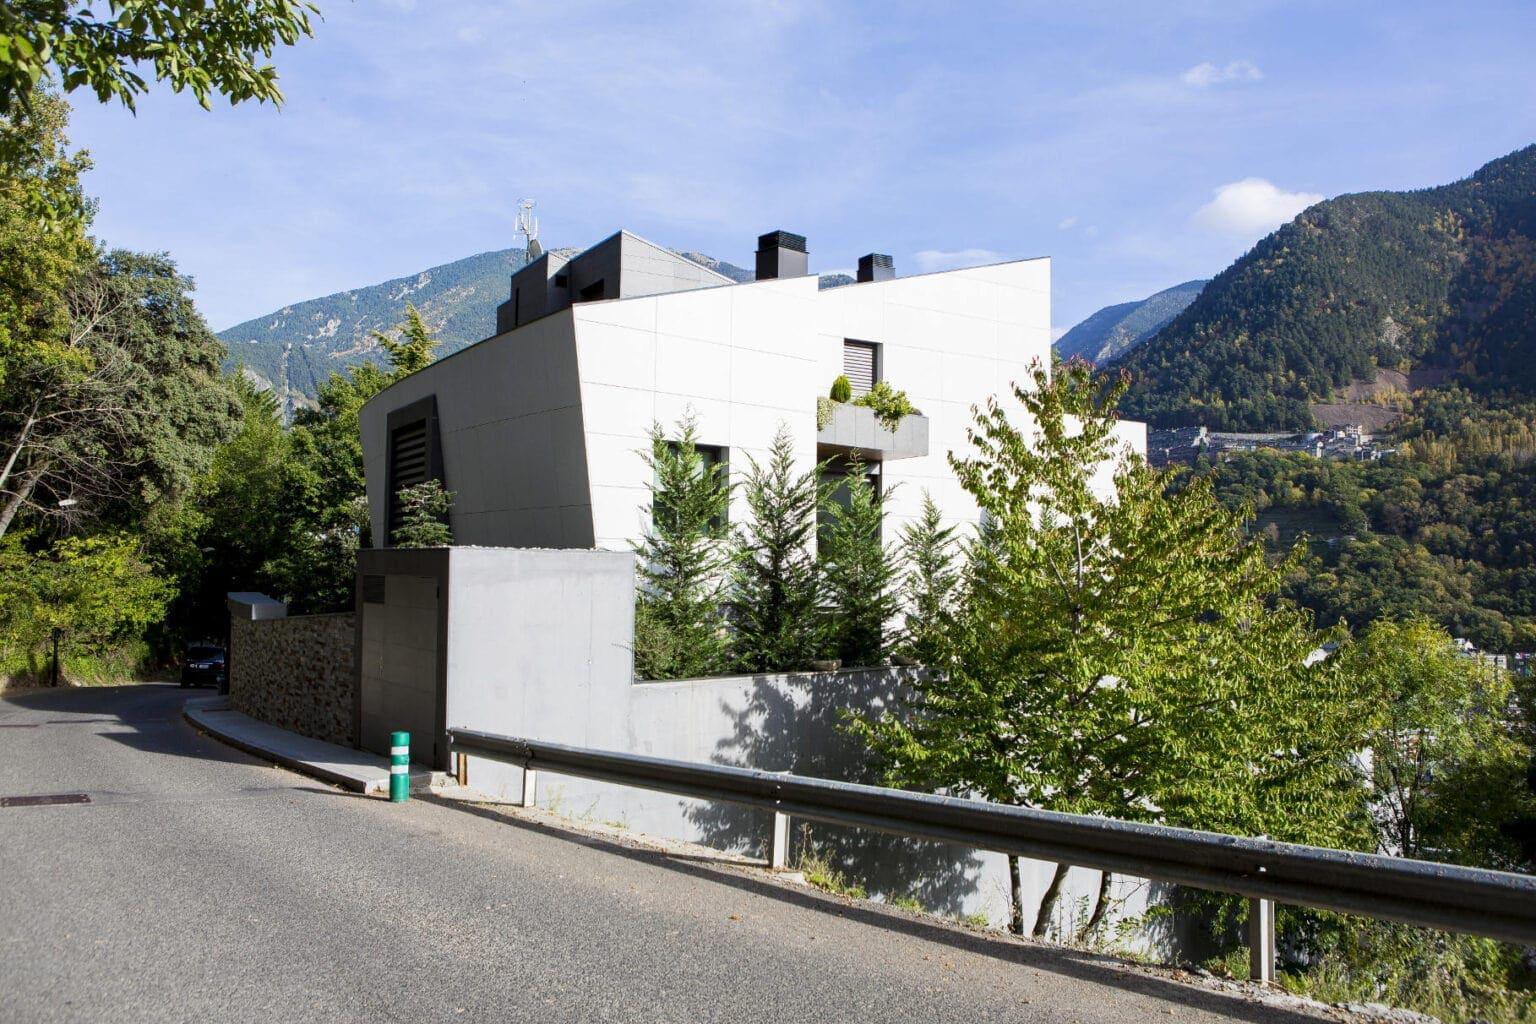 xalet-construir-per-mesa-andorra-treballs-publics-1536x1024-min (1)